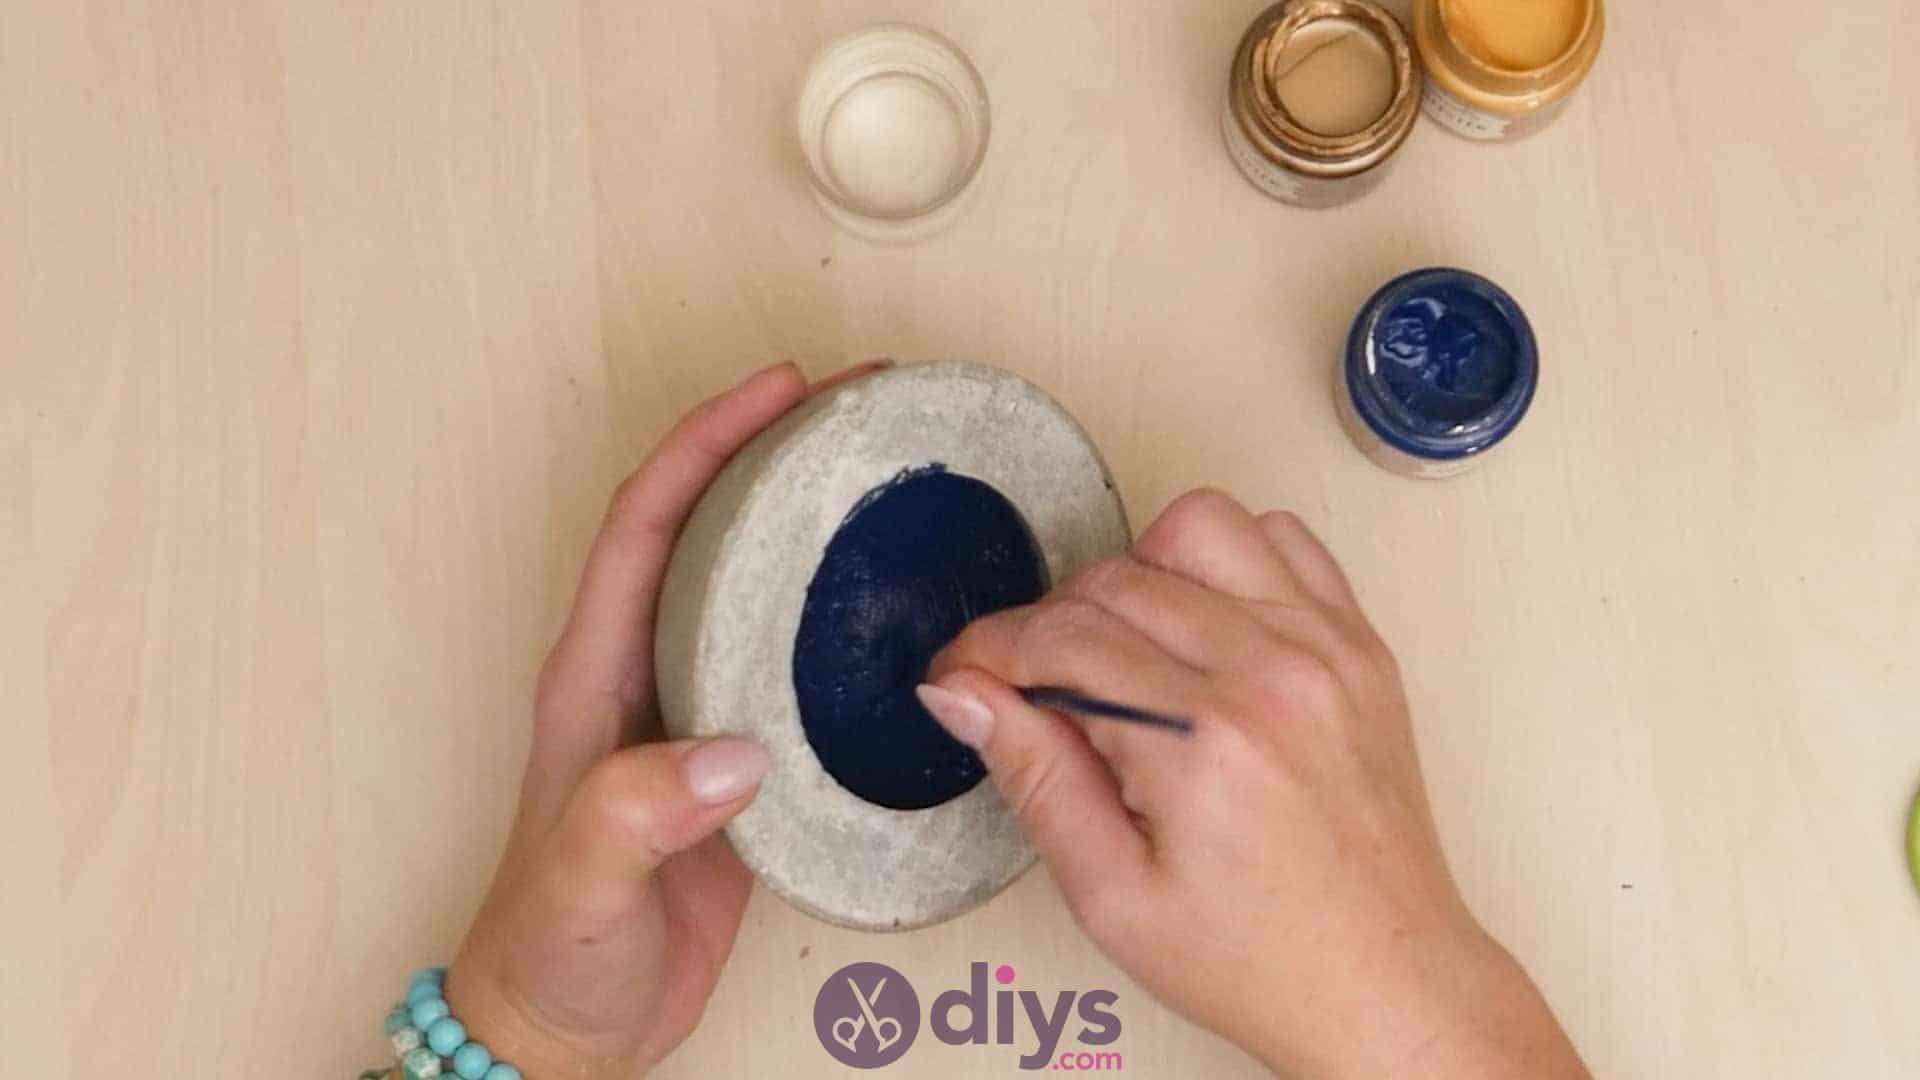 Diy concrete ashtray step 6a